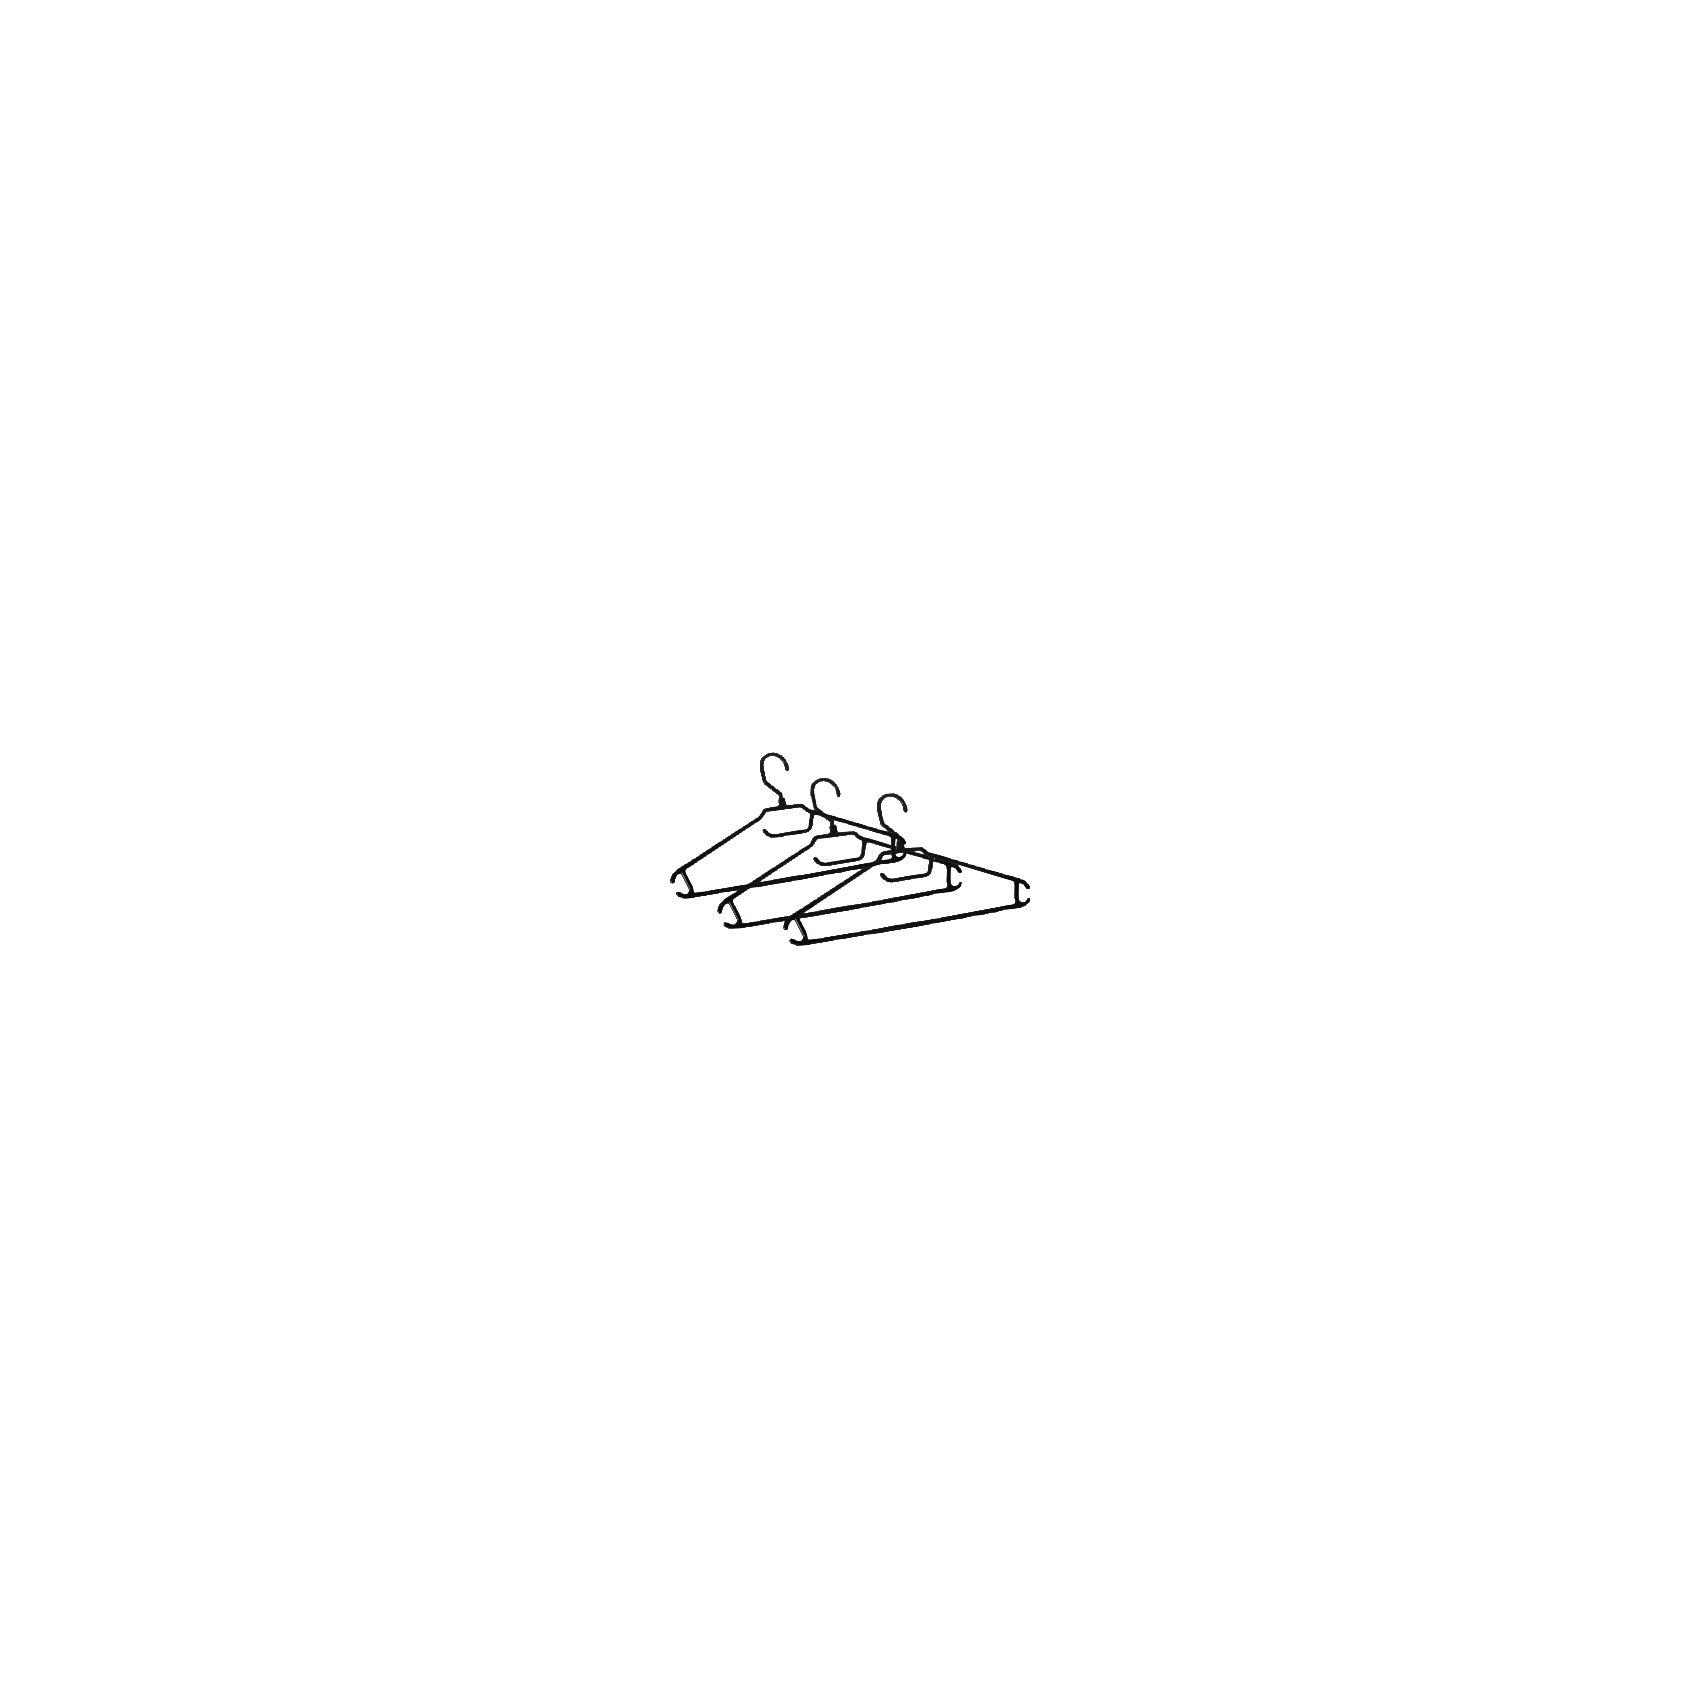 Вешалка-плечики для легкой одежды 52-54 (3 шт), BranQПредметы интерьера<br>Вешалка-плечики для легкой одежды 52-54 (3 шт), BranQ<br><br>Характеристики:<br><br>• Цвет: черный<br>• Материал: пластик<br>• В комплекте: 3 штуки<br><br>Каждая вешалка изготовлена из пластика высокого качества, а потому имеет повышенную прочность и не бьется. Оснащена закругленными плечиками, для предоставления более бережного хранения вашим вещам, а так же имеет перекладину и три крючка.<br><br>Вешалка-плечики для легкой одежды 52-54 (3 шт), BranQ можно купить в нашем интернет-магазине.<br><br>Ширина мм: 420<br>Глубина мм: 205<br>Высота мм: 30<br>Вес г: 184<br>Возраст от месяцев: 216<br>Возраст до месяцев: 1188<br>Пол: Унисекс<br>Возраст: Детский<br>SKU: 5545606